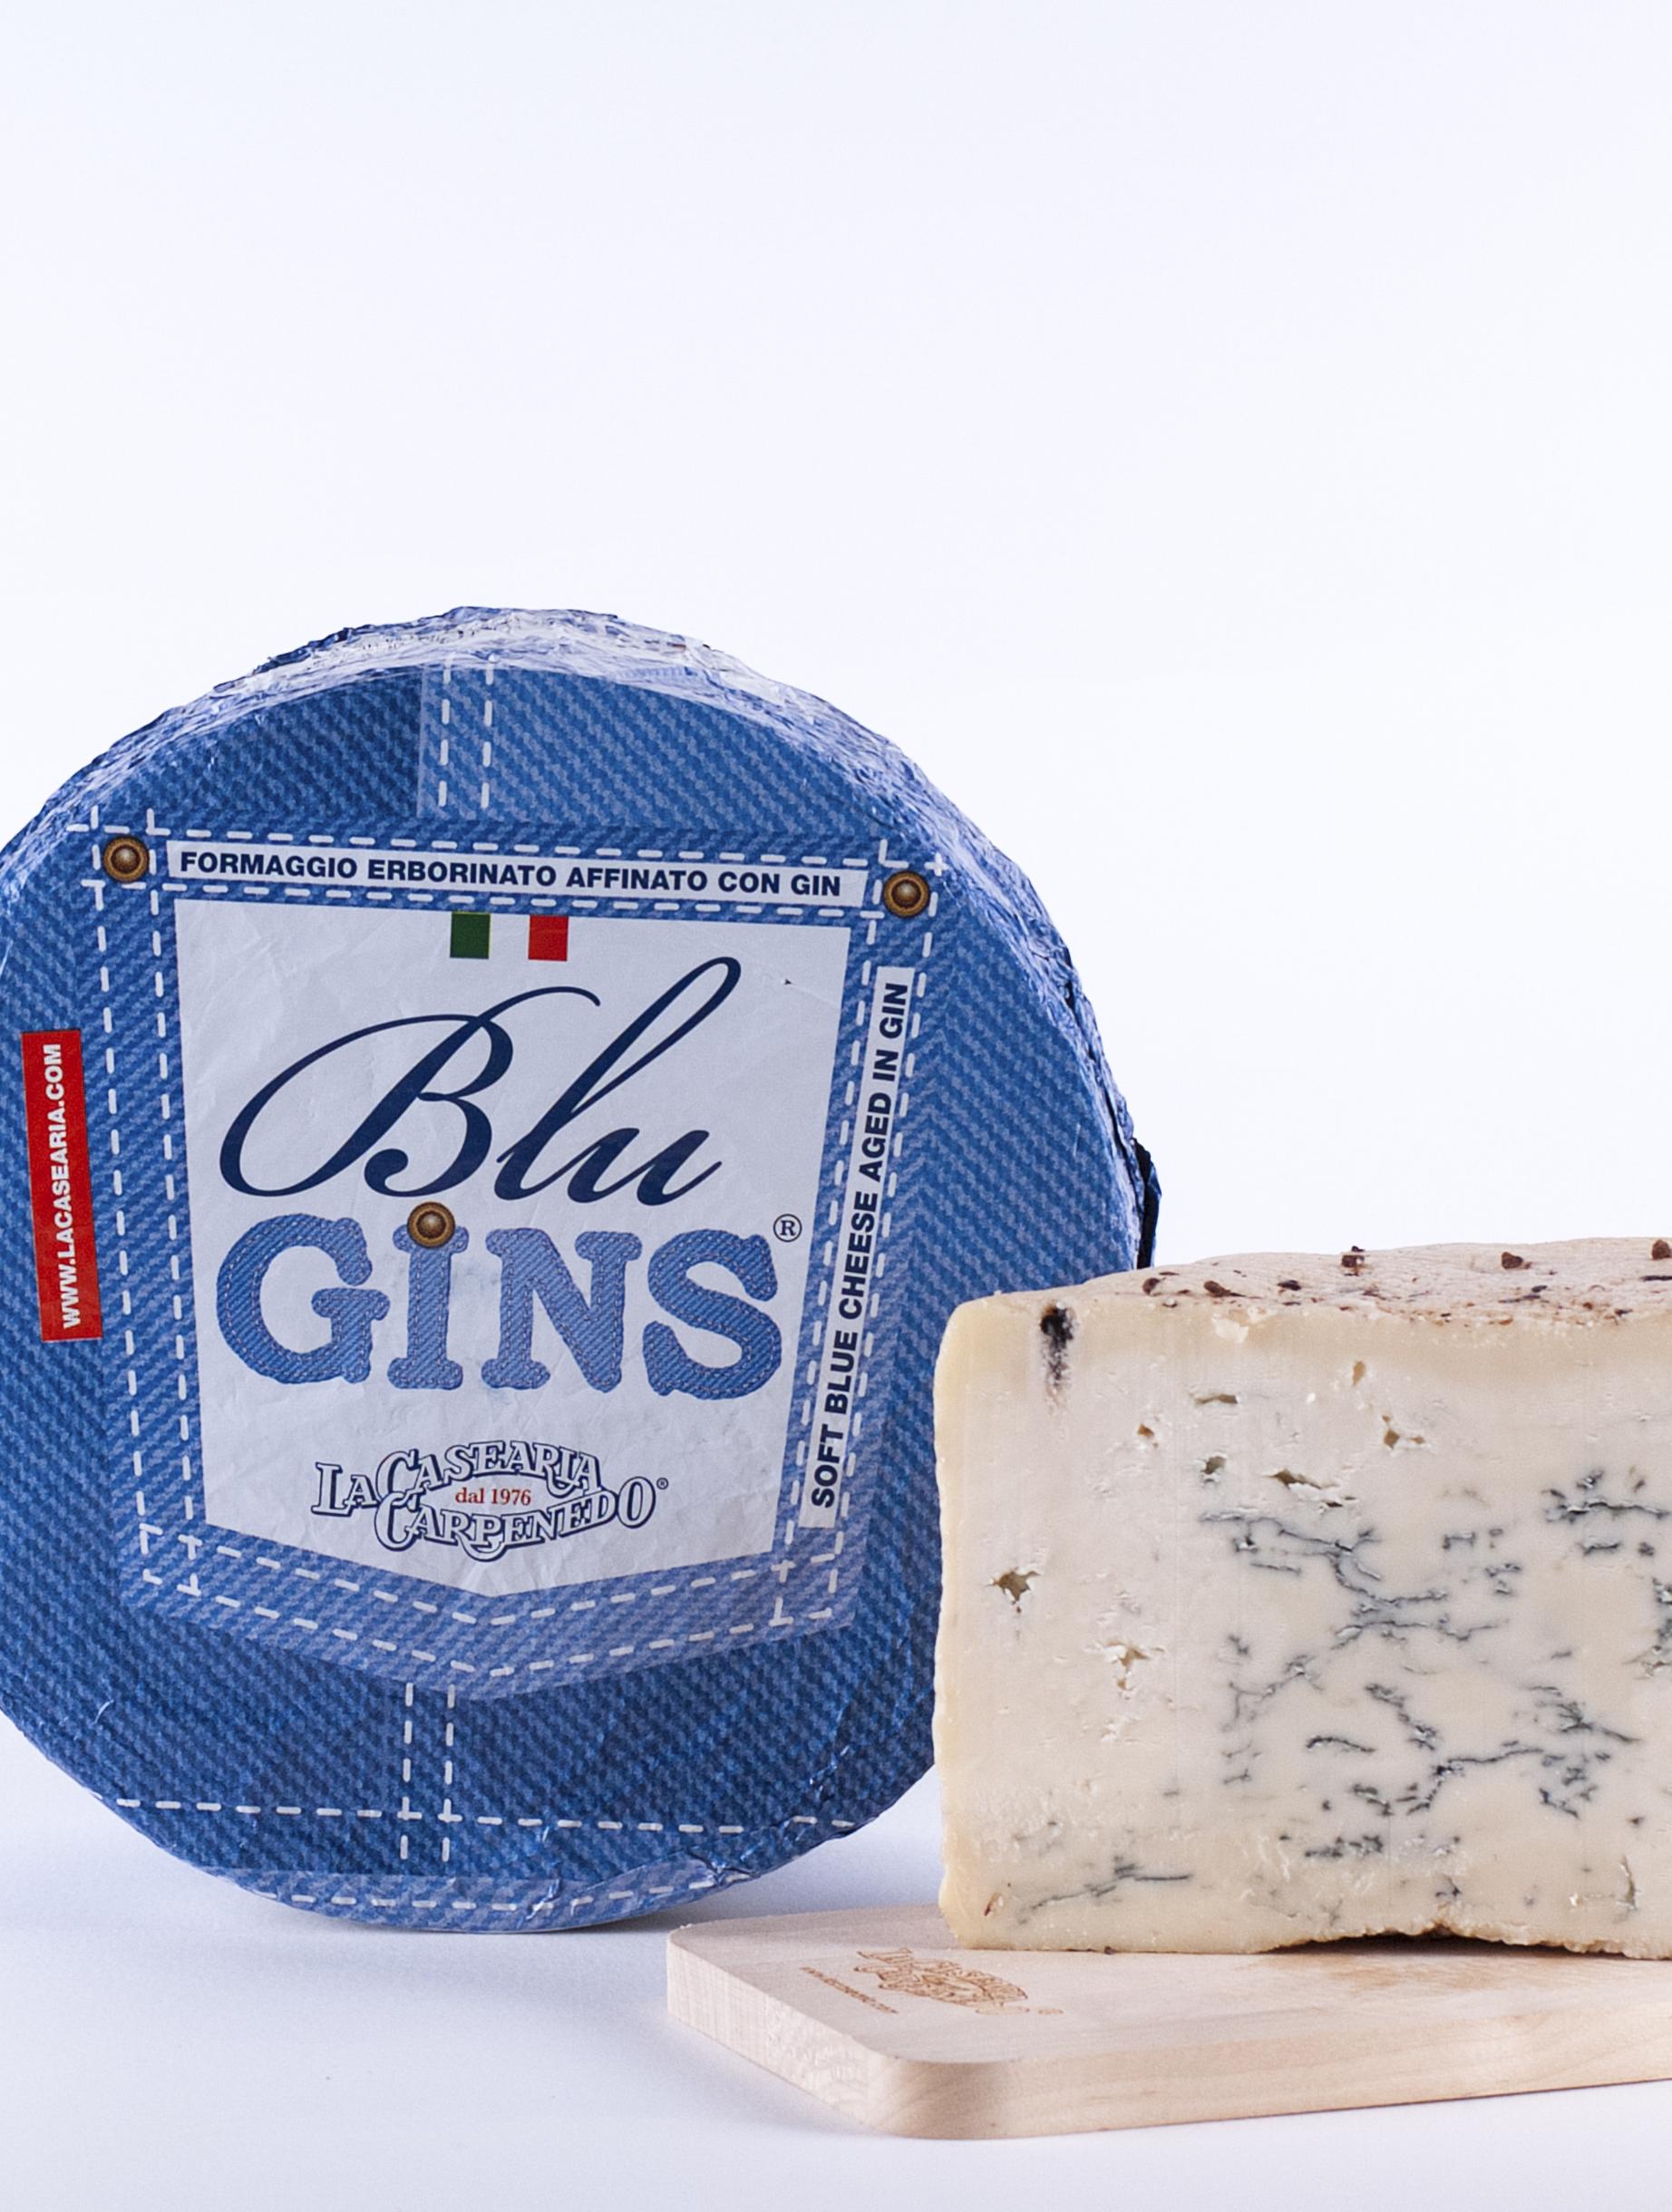 Bluegins